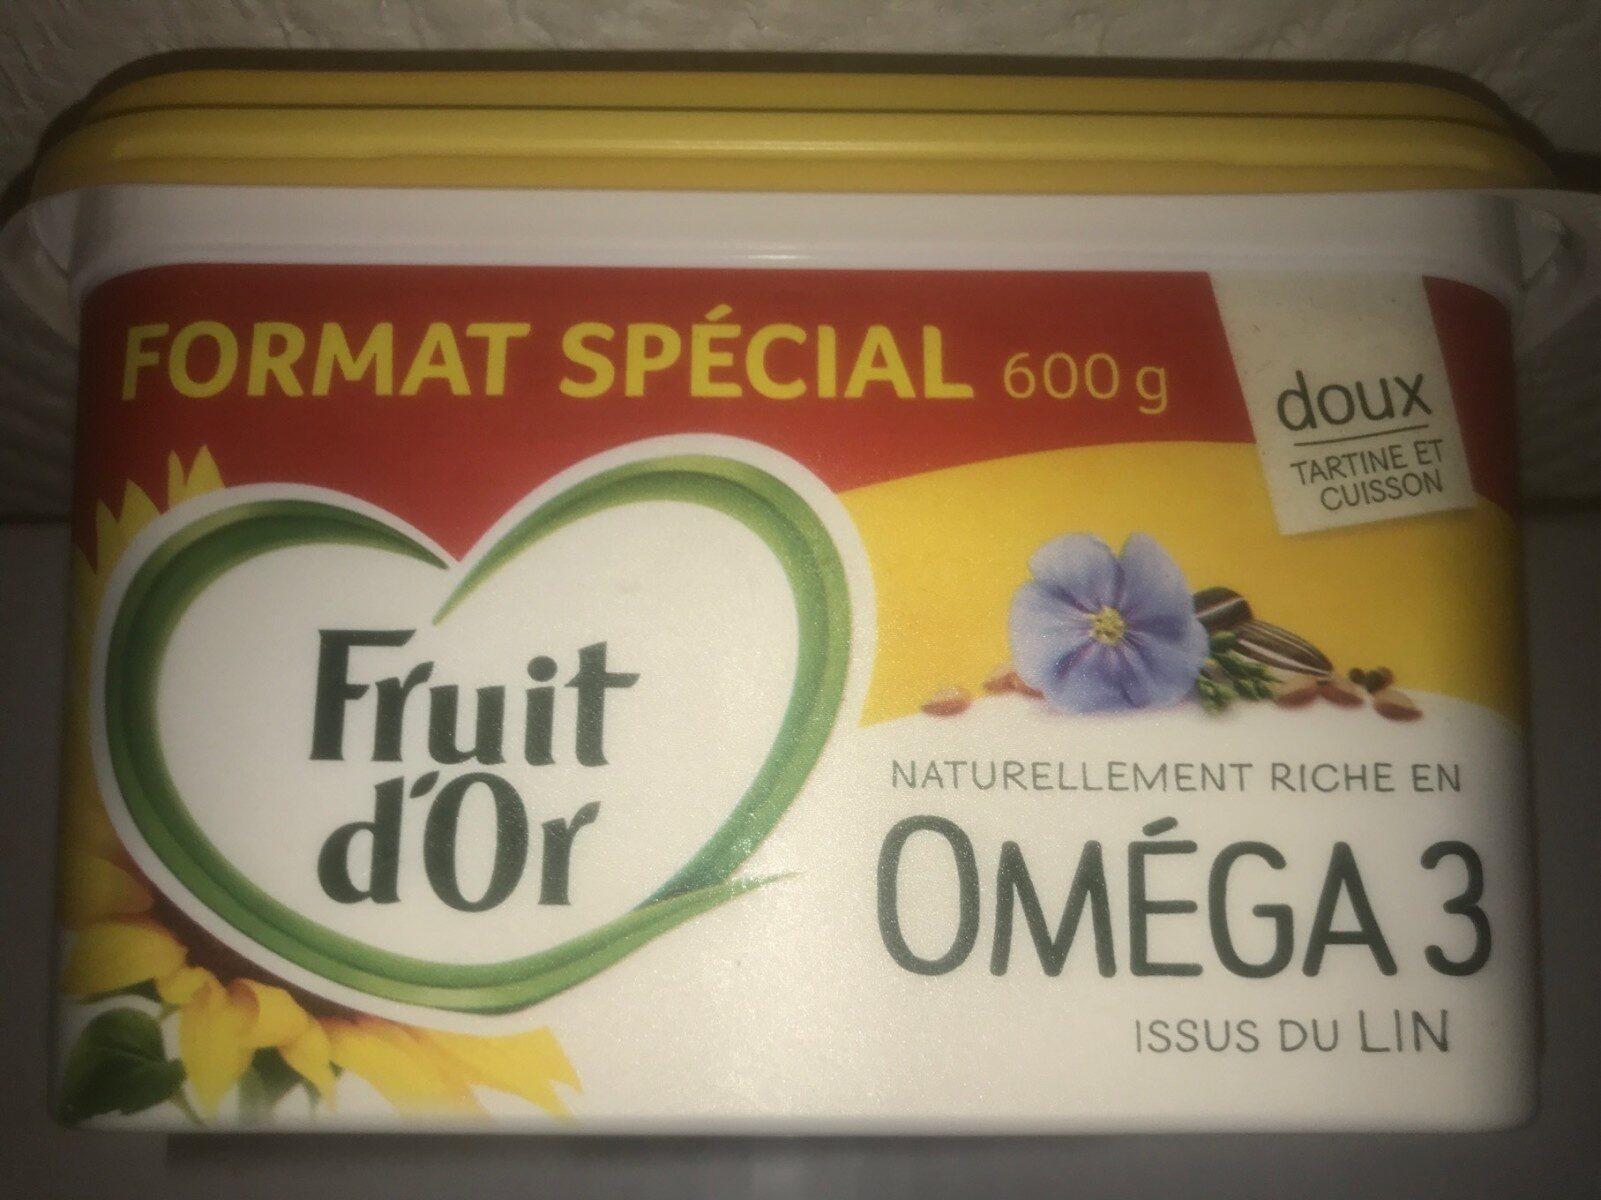 Fruit d'or doux - Product